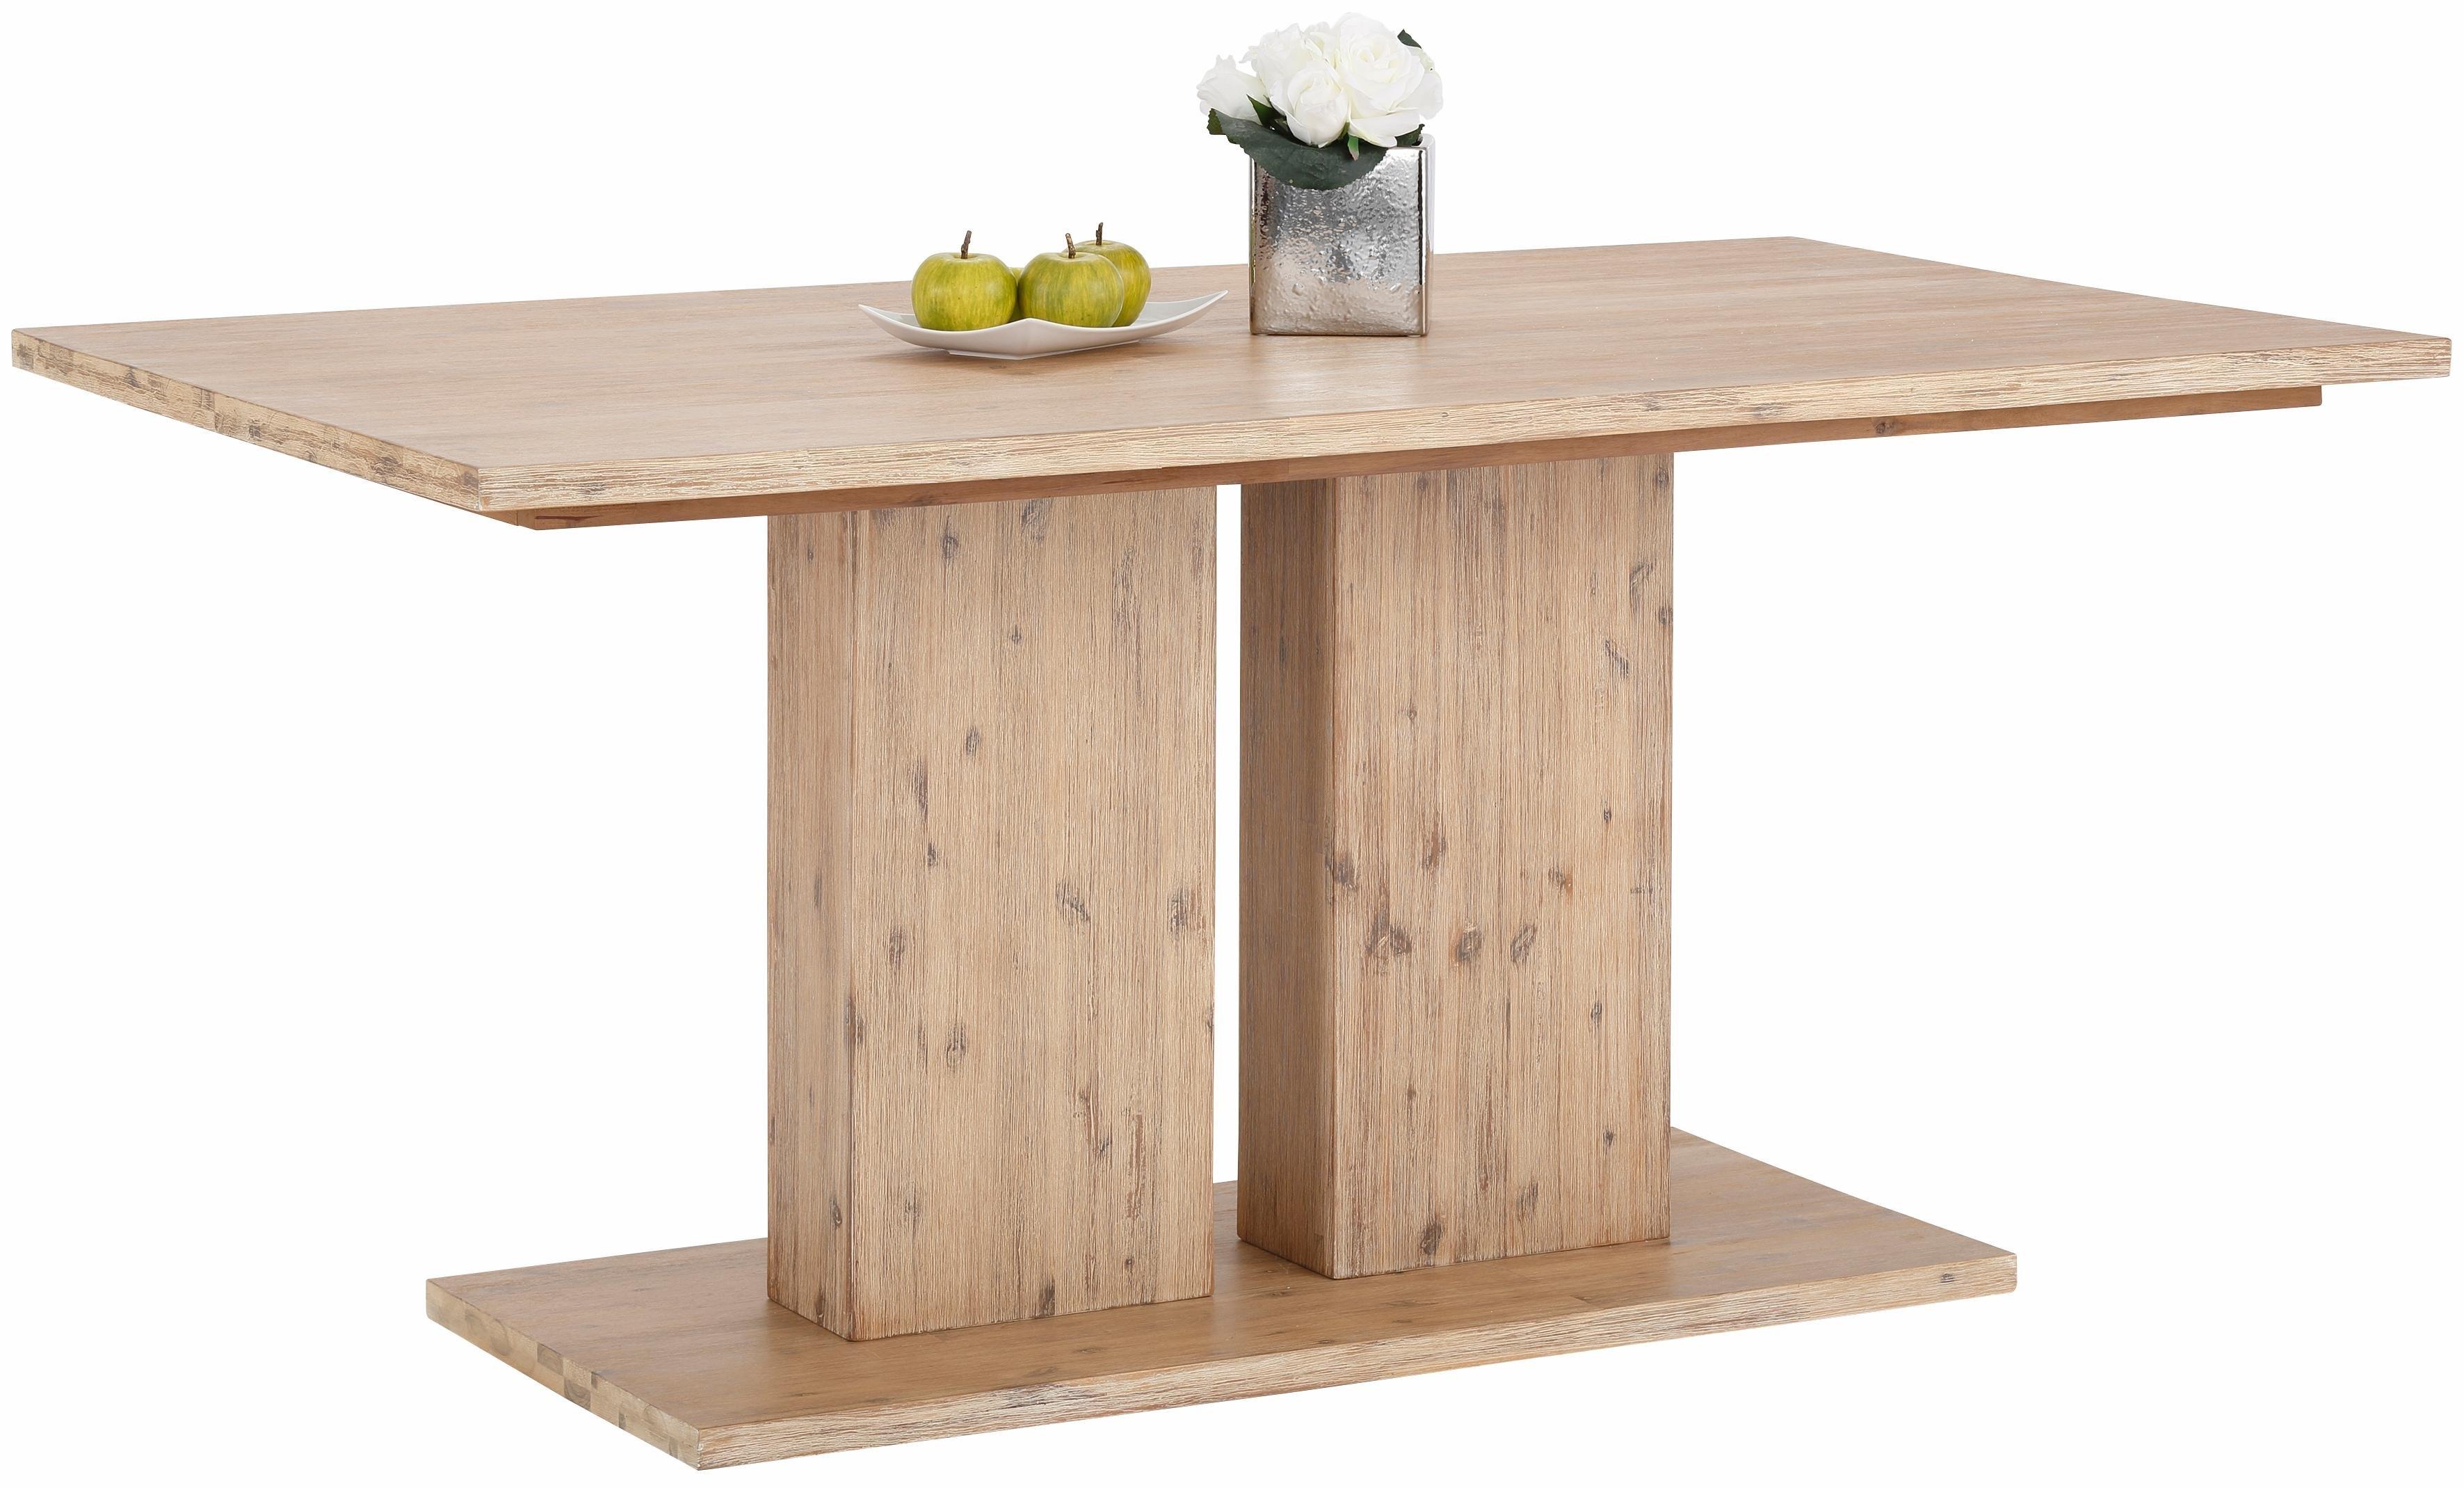 Home affaire eettafel »Macey«, van massief acaciahout, in 2 afmetingen en 2 kleuren bij OTTO online kopen